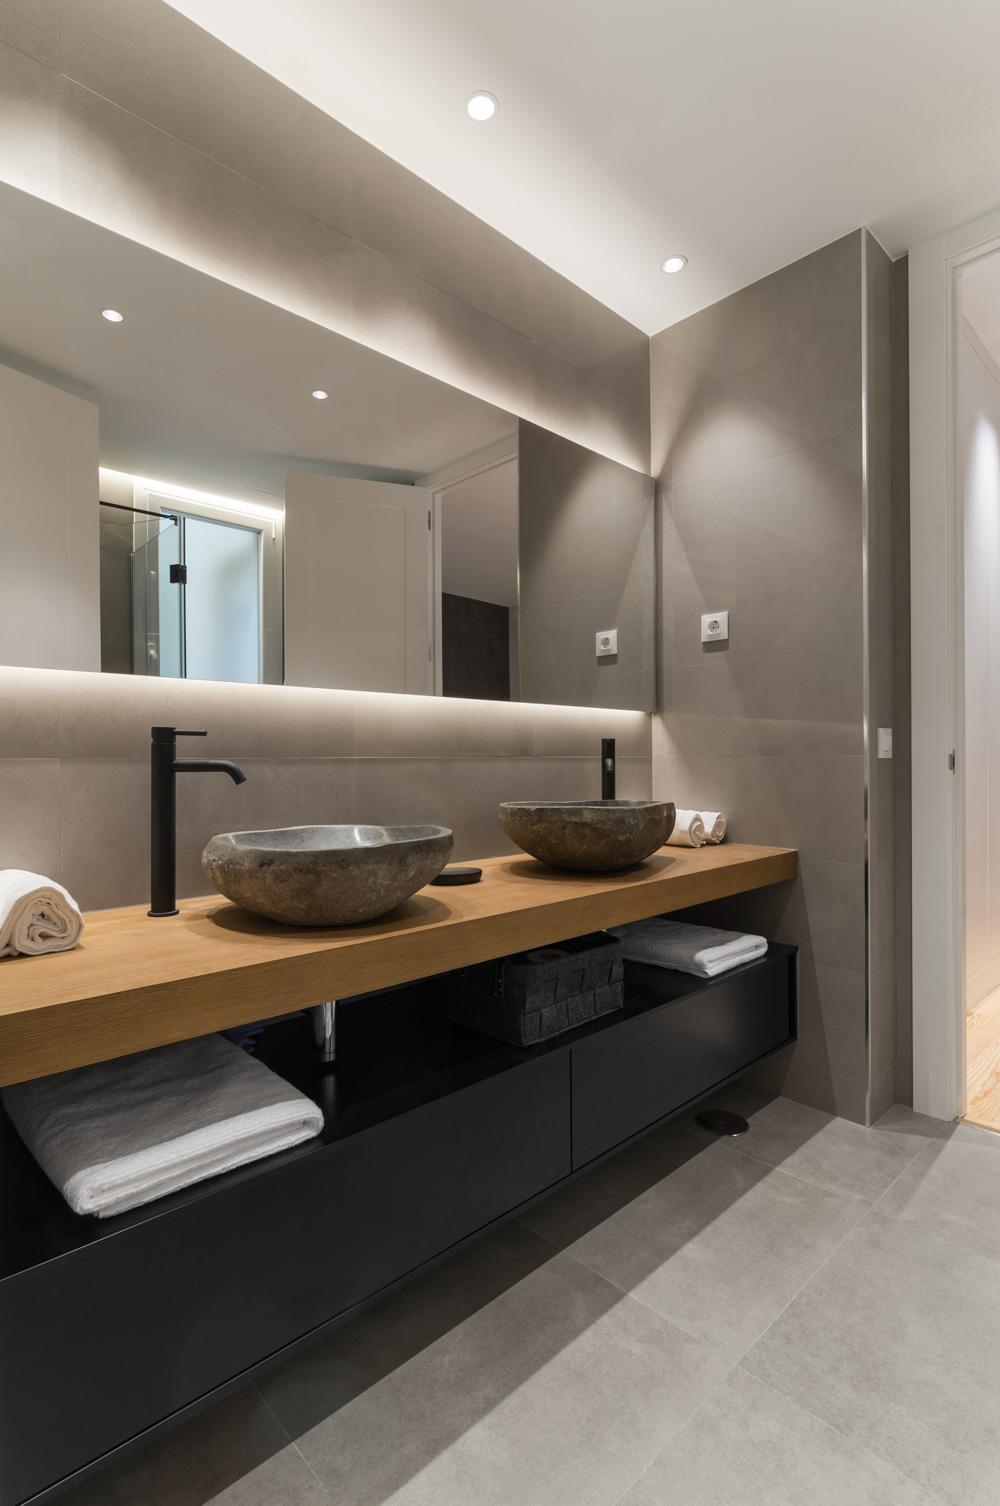 Baños de diseño - Cuartos de baño modernos, de lujo, clásicos